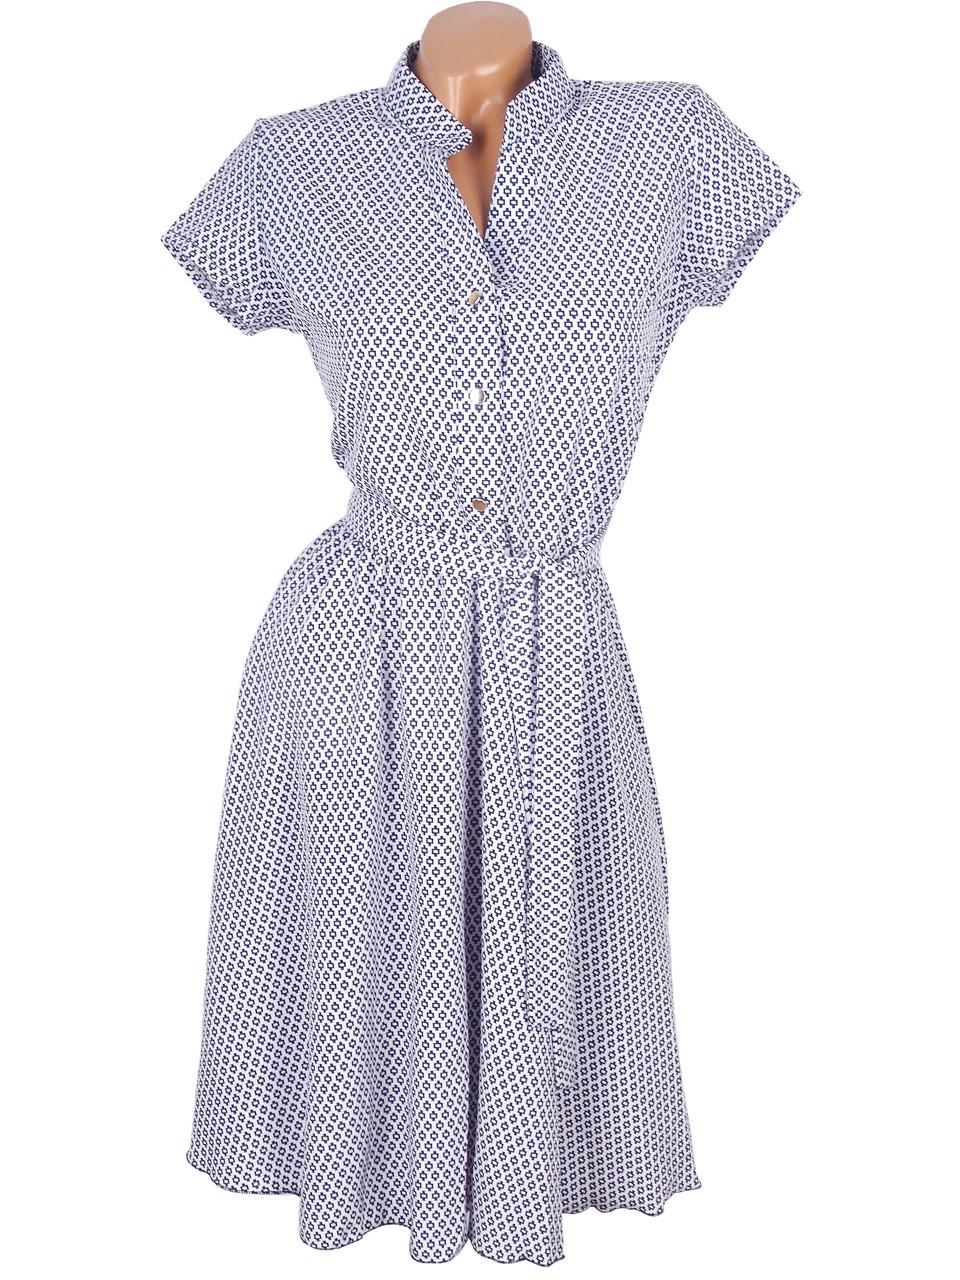 Красивое платье в мелкий геометрический принт 44-50